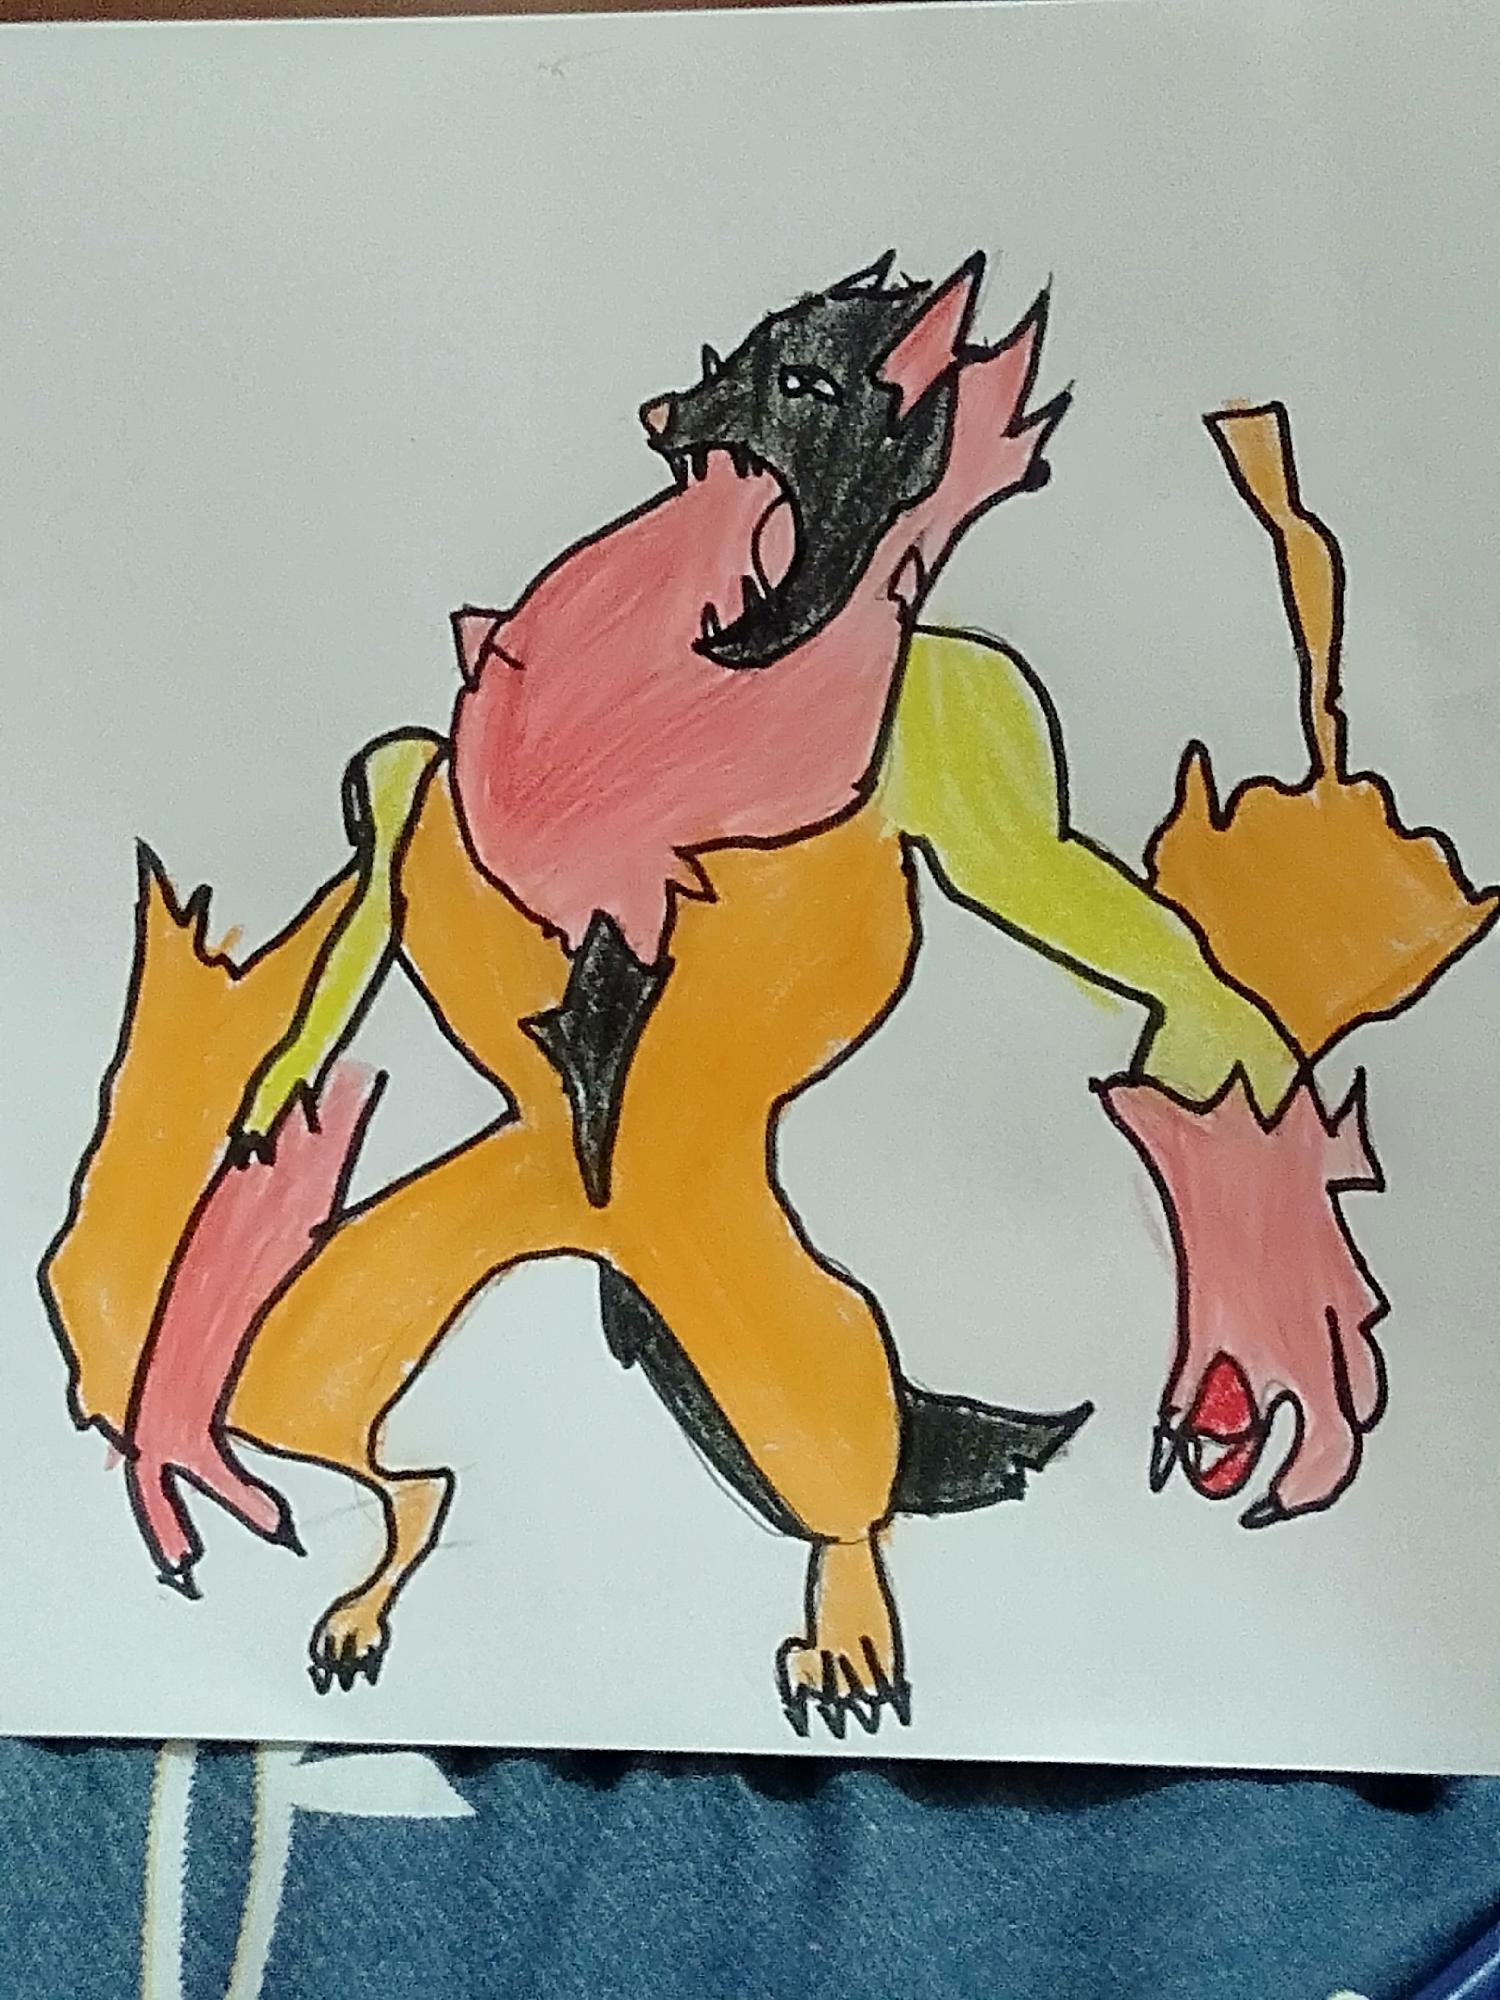 For Garry oakkk s' fakemon contest